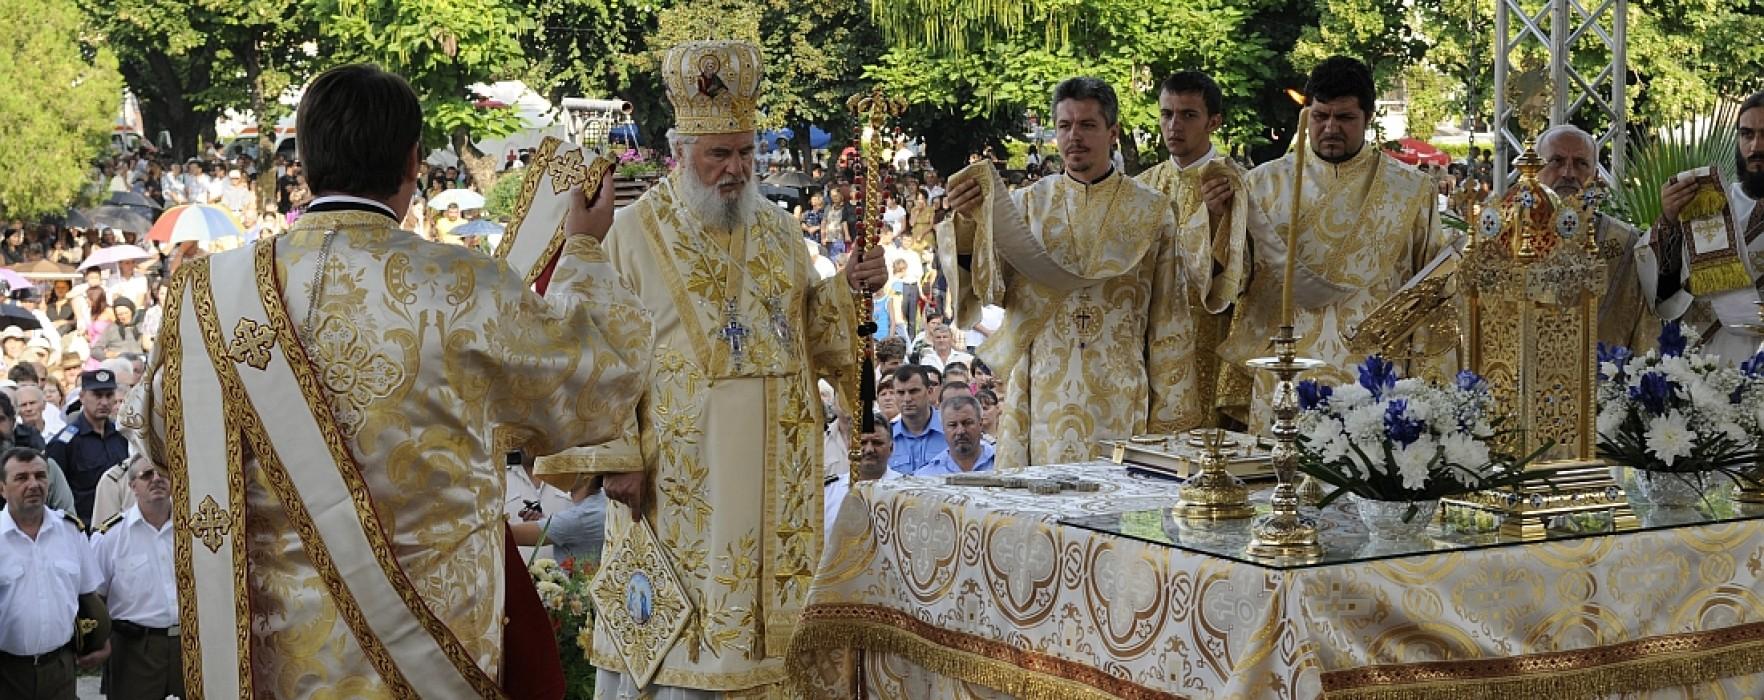 Programul manifestărilor de Sf. Nifon, de la Târgovişte